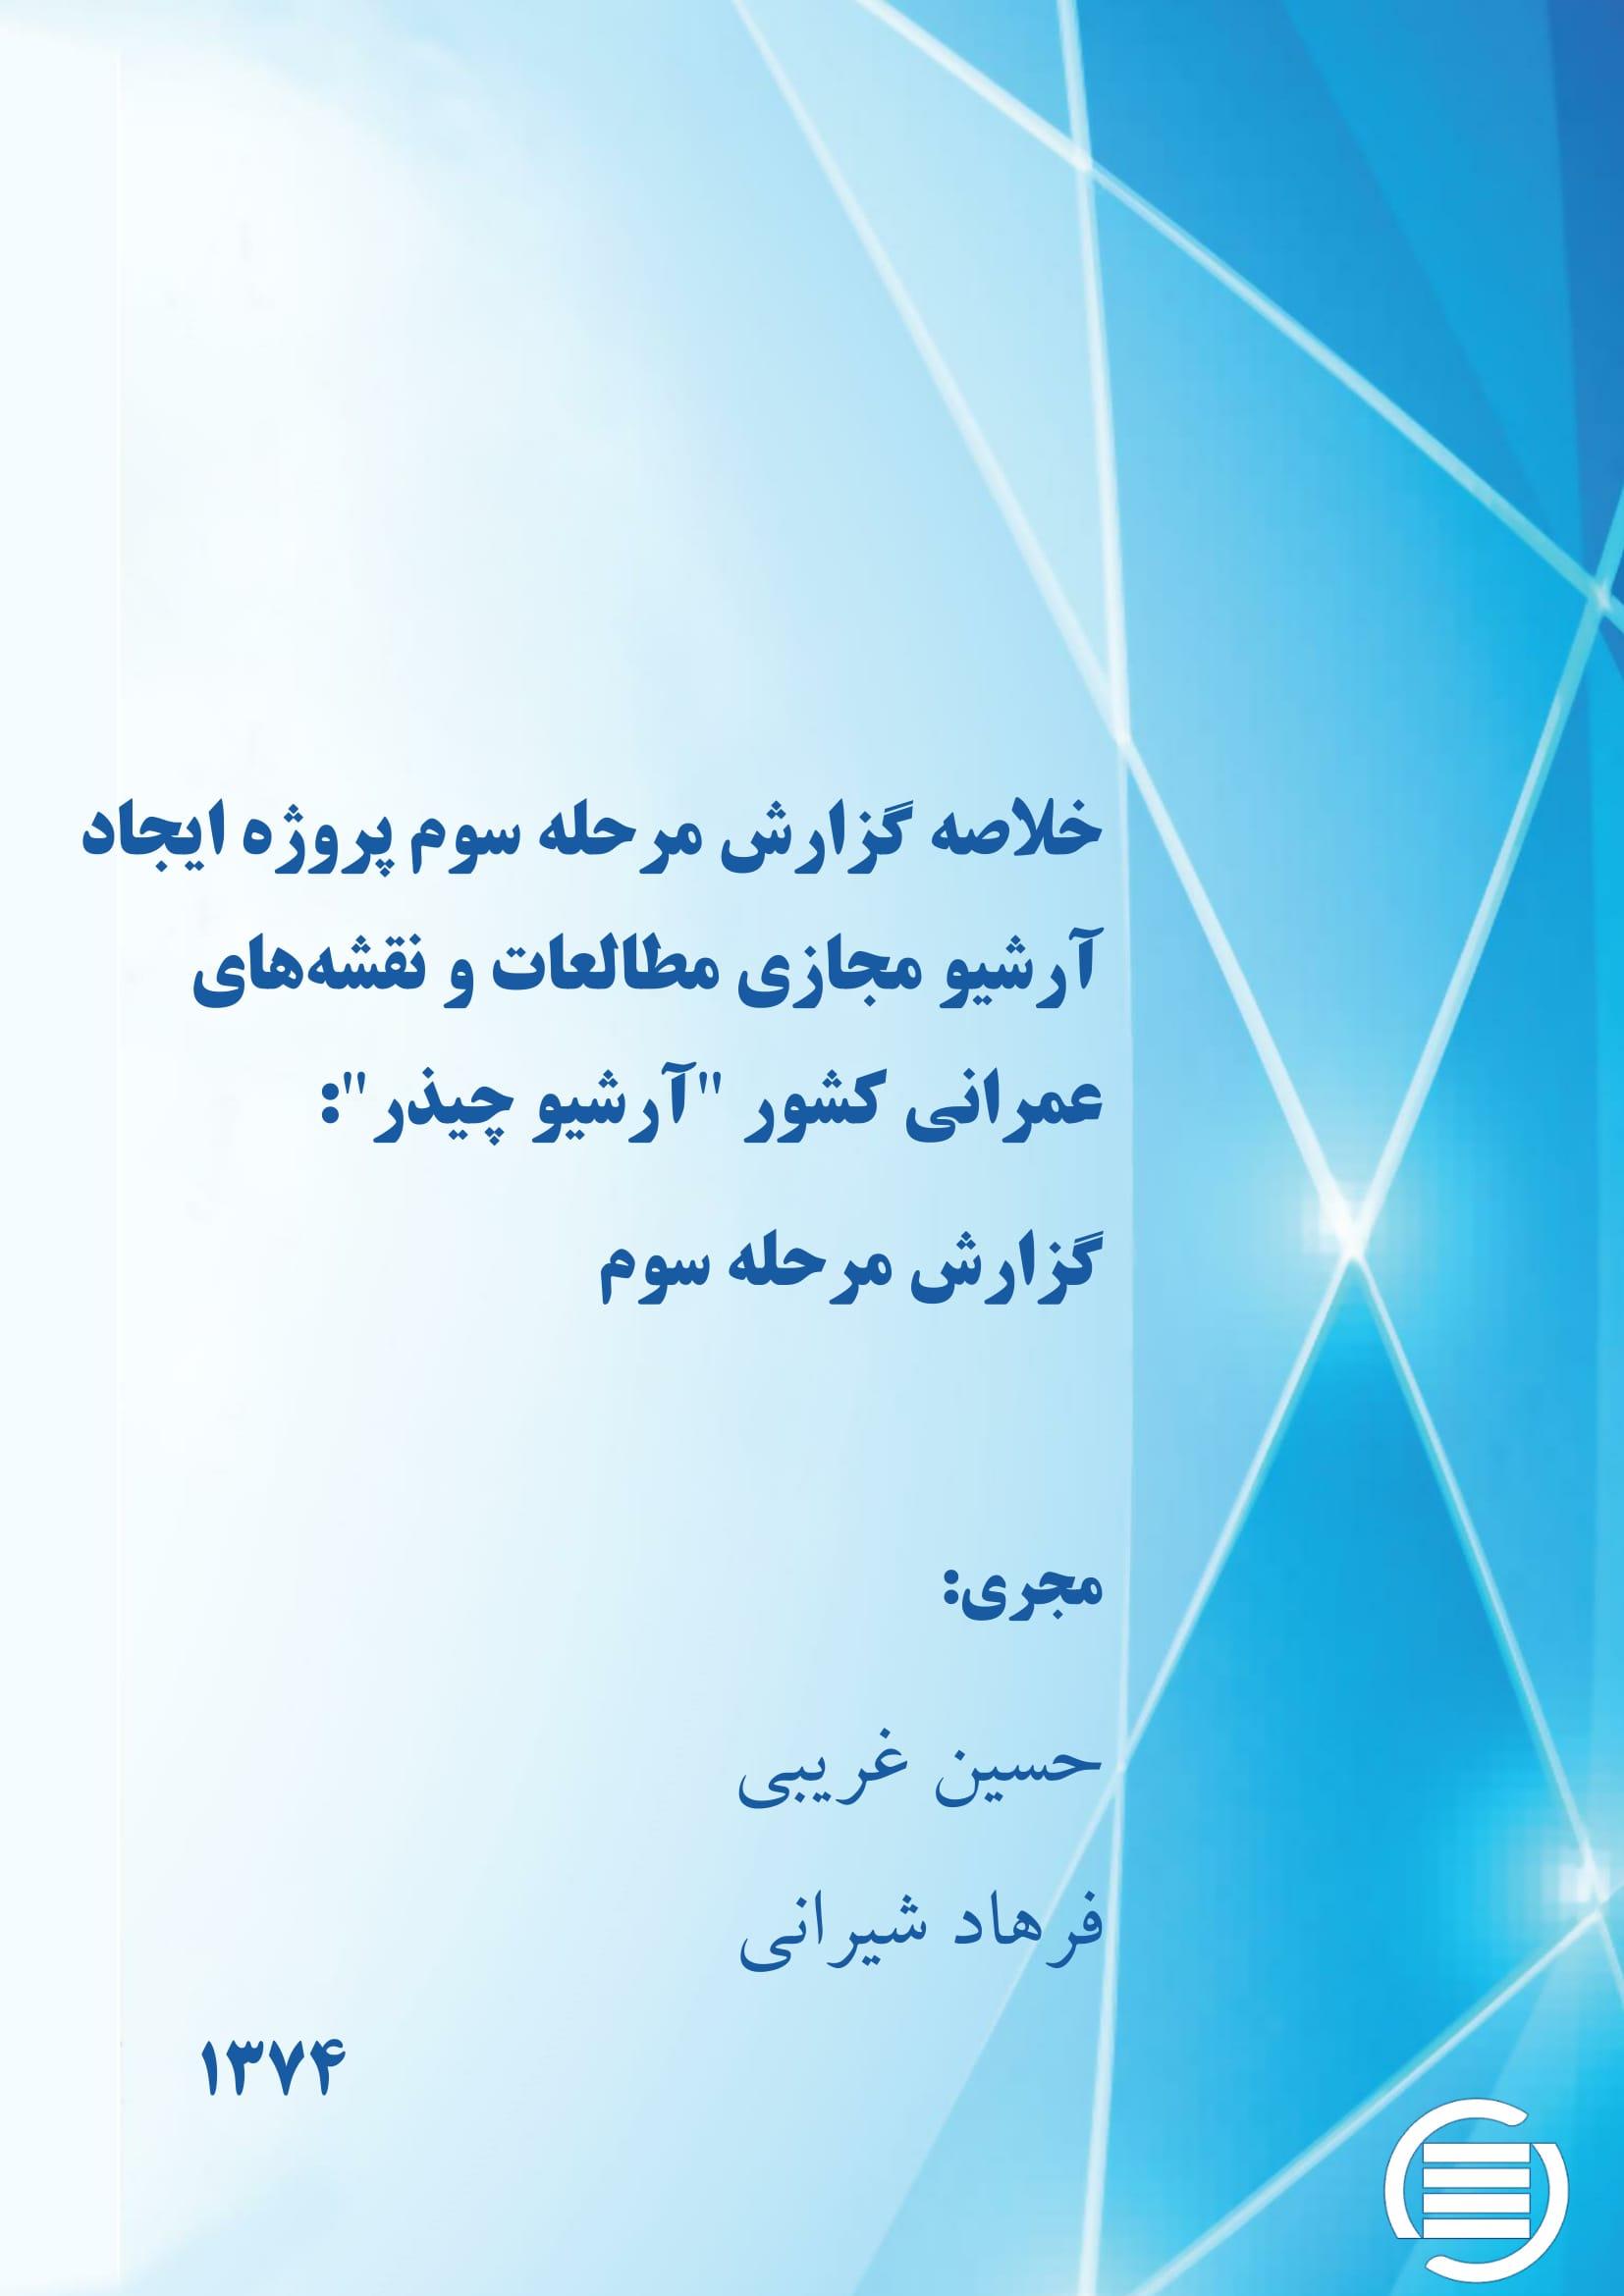 """خلاصه گزارش مرحله سوم پروژه ایجاد آرشیو مجازی مطالعات و نقشههای عمرانی کشور """"آرشیو چیذر"""": گزارش مرحله سوم"""